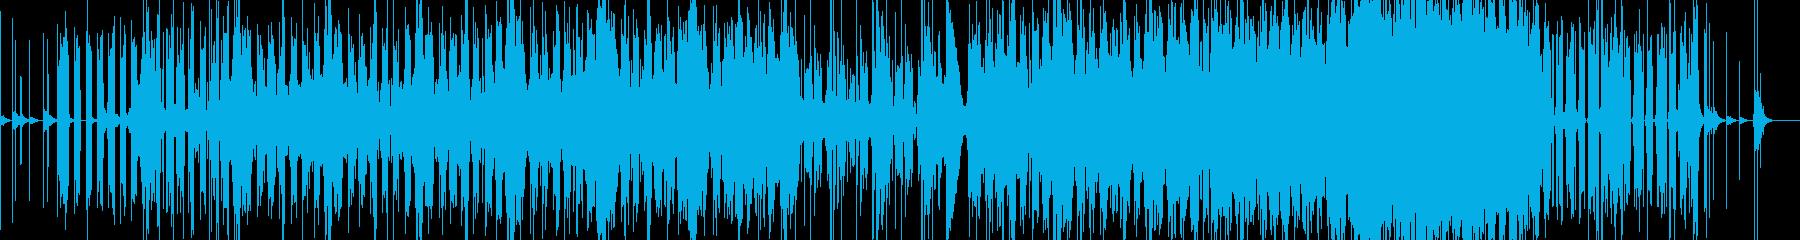 映像作品向けBGM。水のイメージ。の再生済みの波形